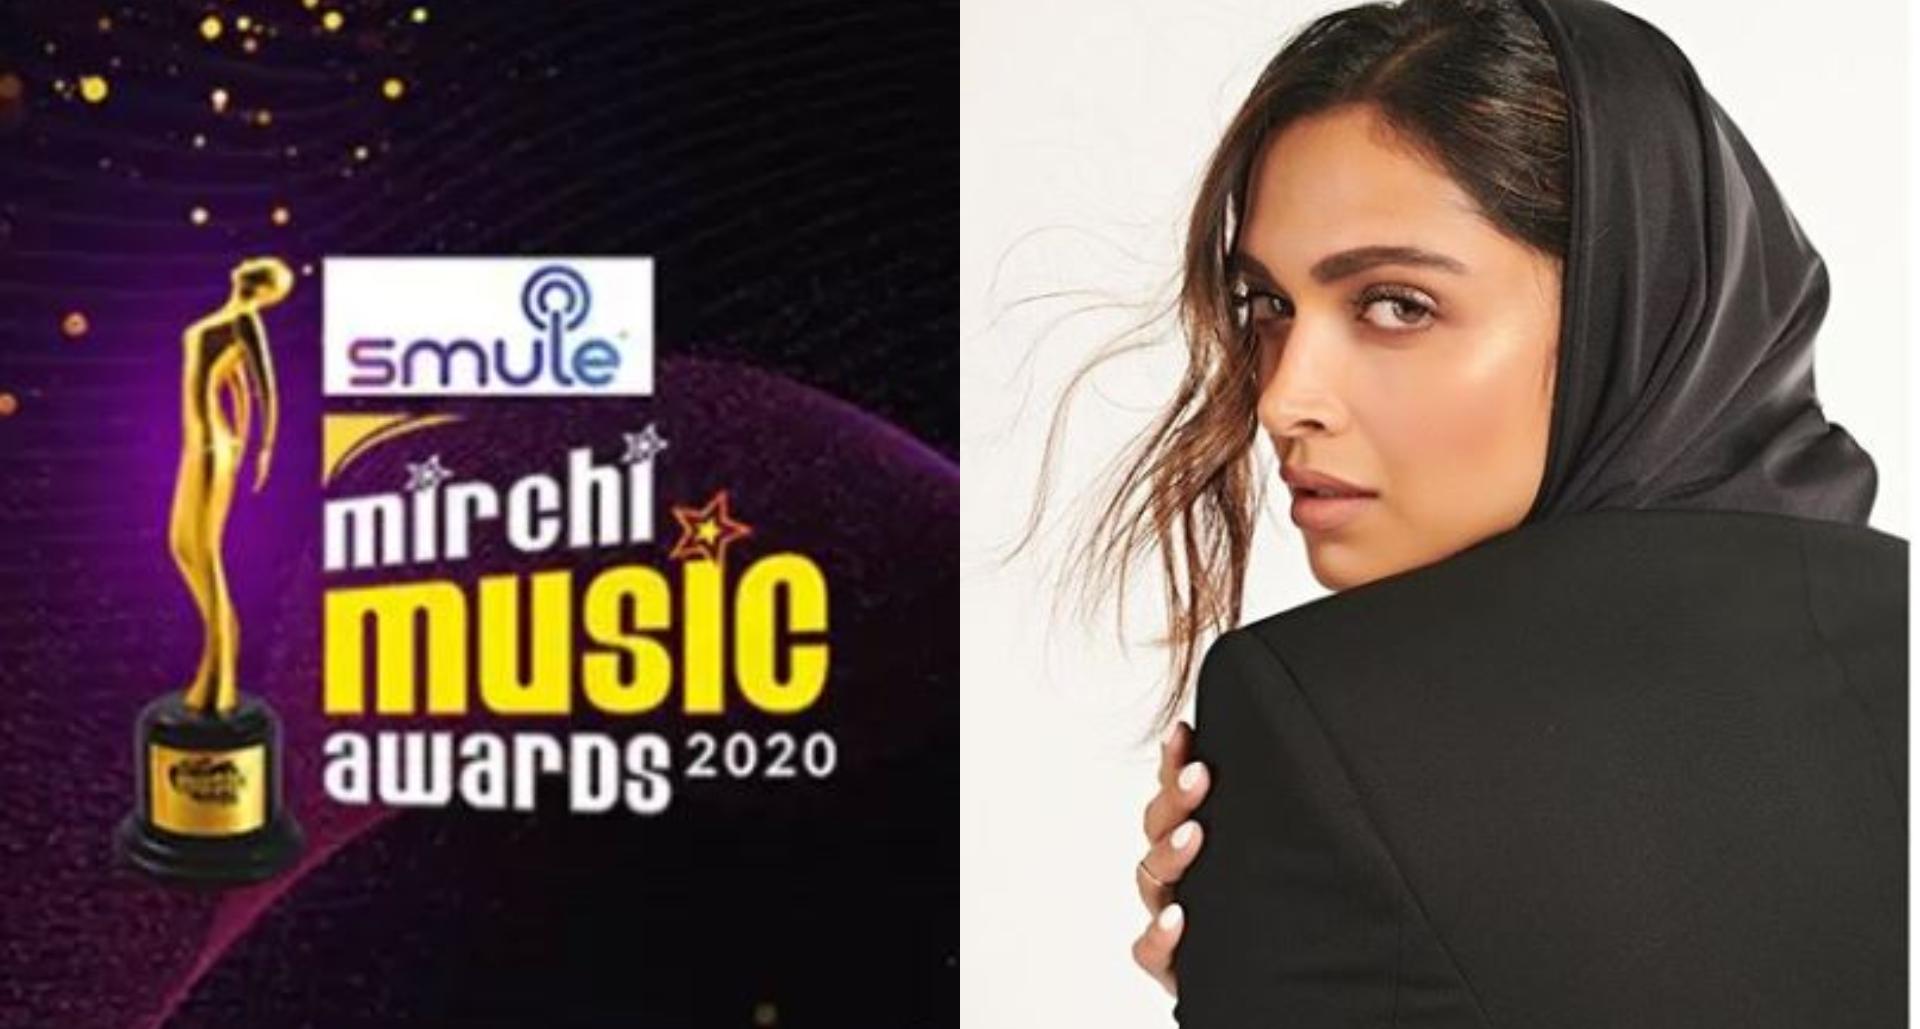 Mirchi Music Awards: दीपिका पादुकोण के नाम का सिक्का यहाँ भी उछला, इस ख़ास अवॉर्ड की हक़दार बनीं ये एक्ट्रेस